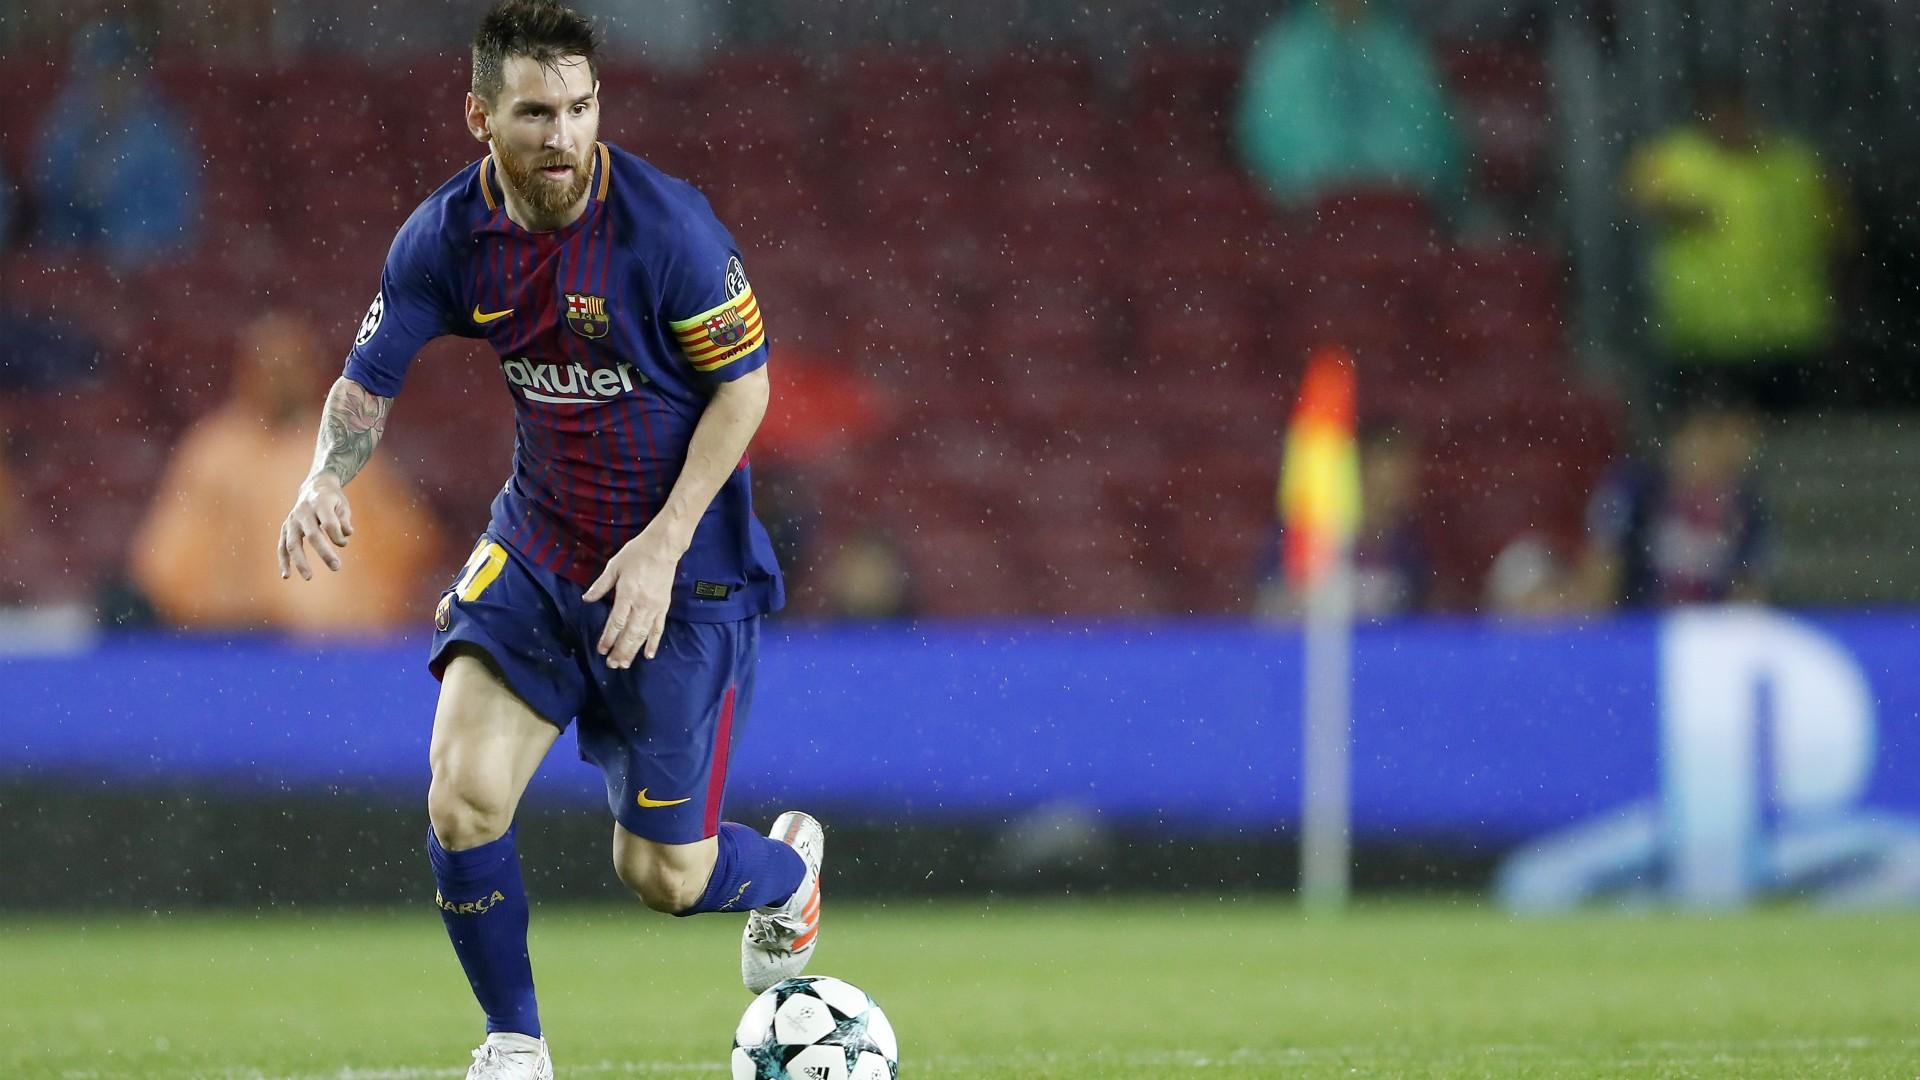 Barcelona 3d Wallpaper Lionel Messi Fc Barcelona Hd 4k Wallpapers Hd Wallpapers